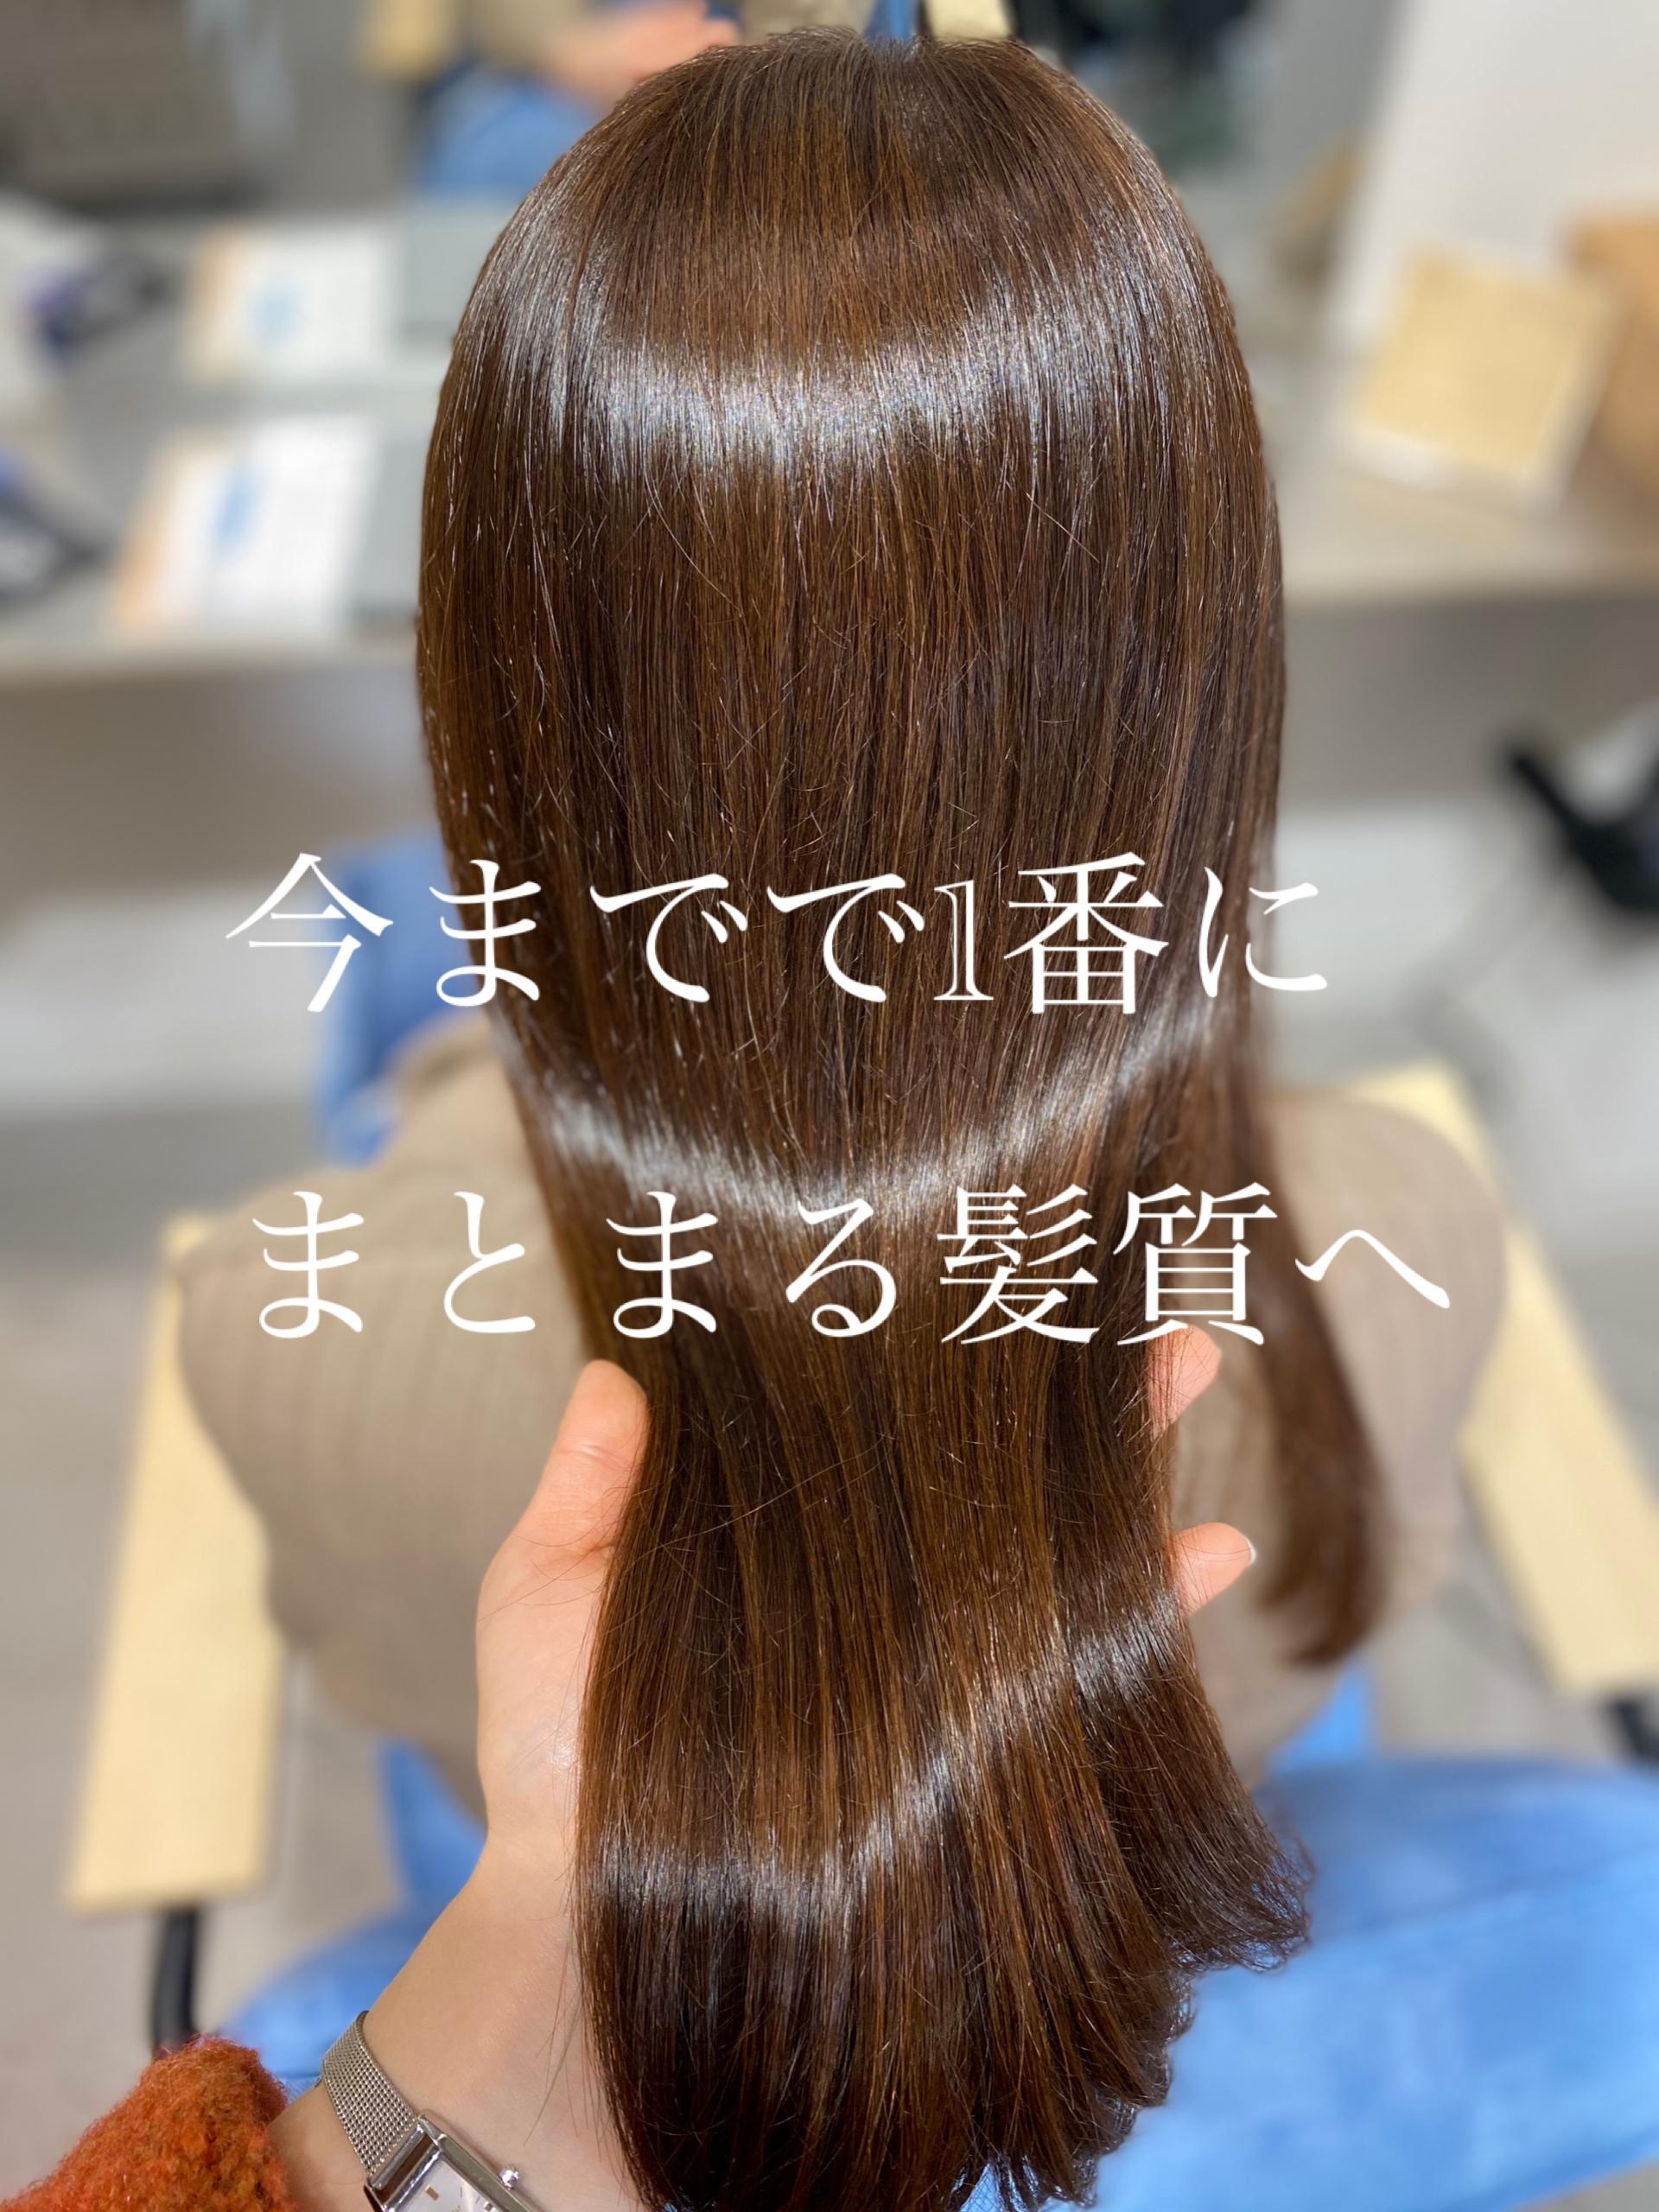 くせ毛の悩み改善いたします。 天使の輪ができる艶髪へ